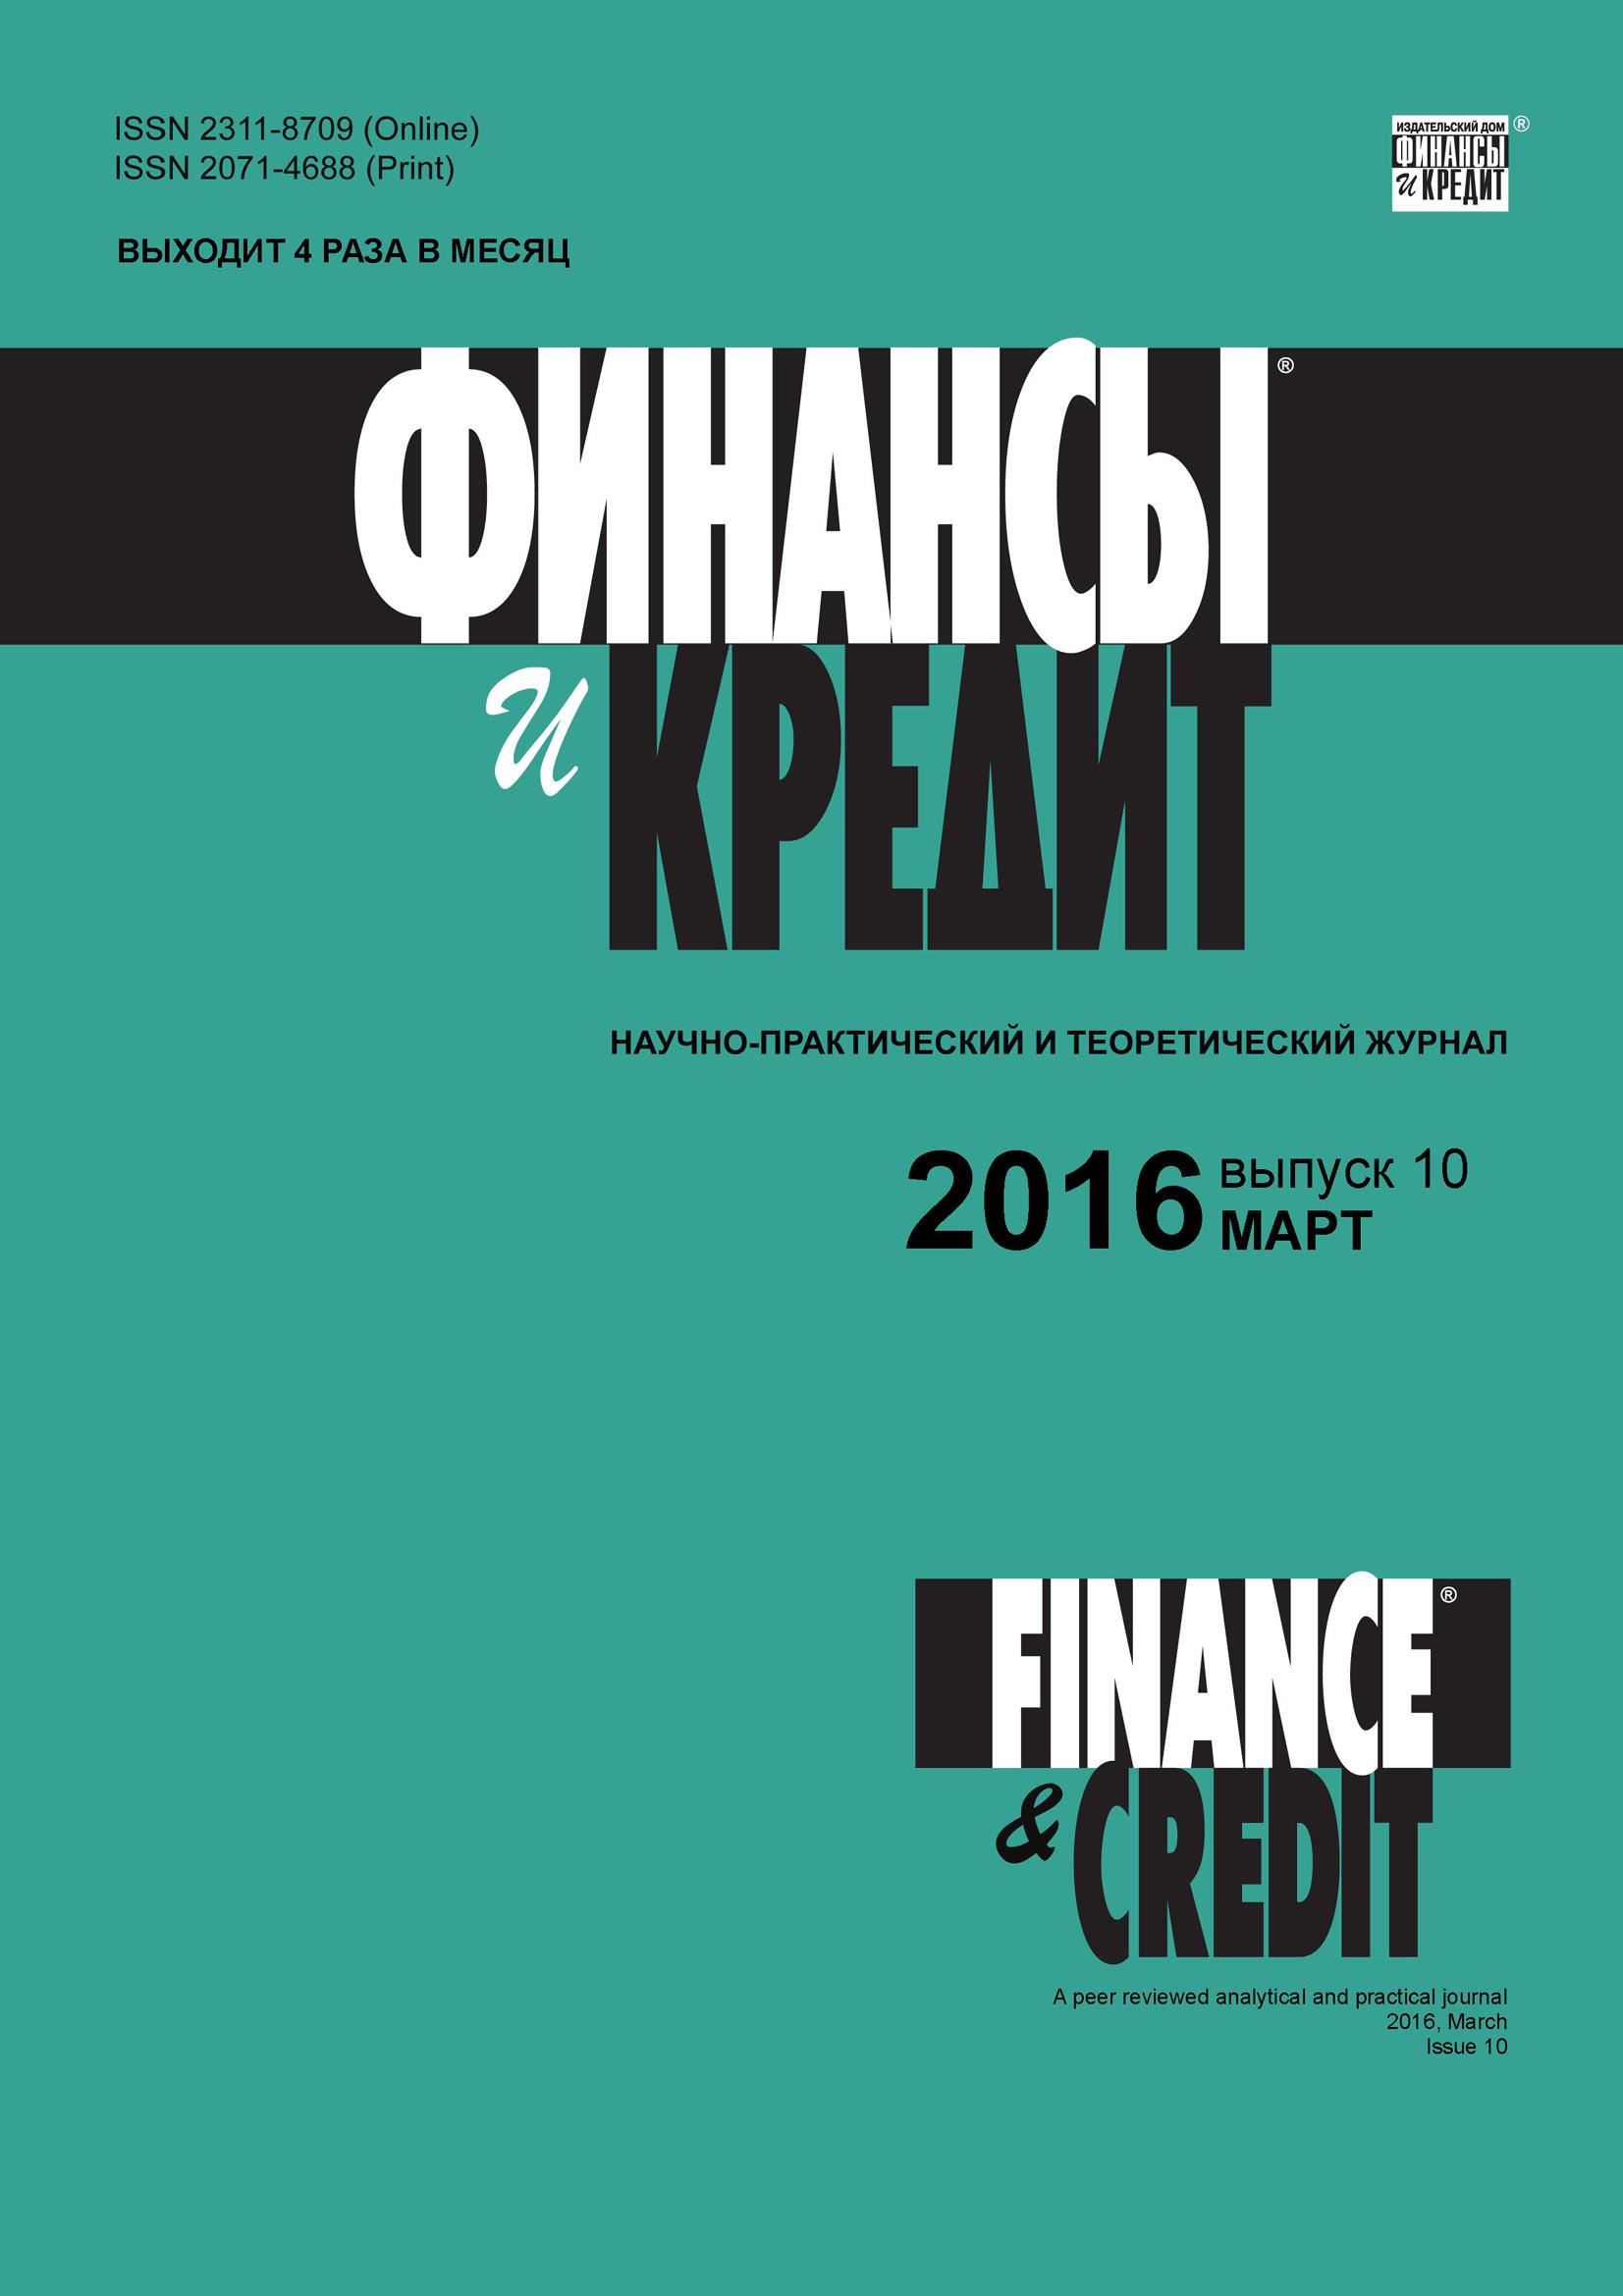 Финансы и Кредит № 10 (682) 2016